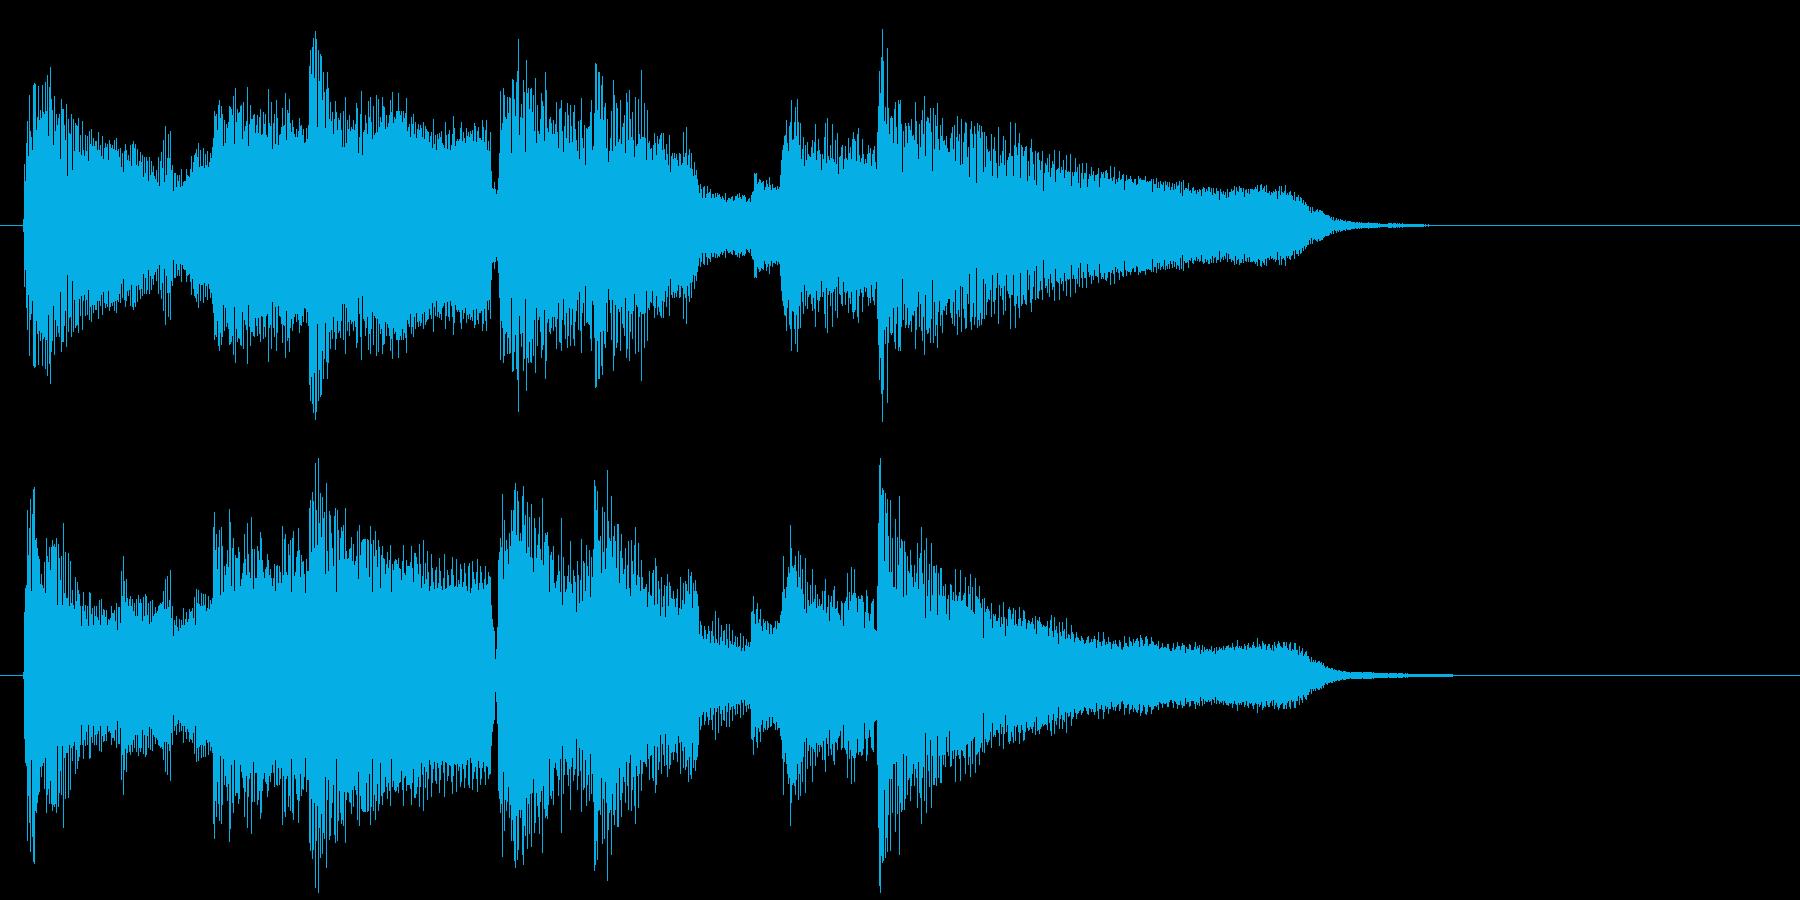 昔のアニメの終わり際っぽい素朴なジングルの再生済みの波形